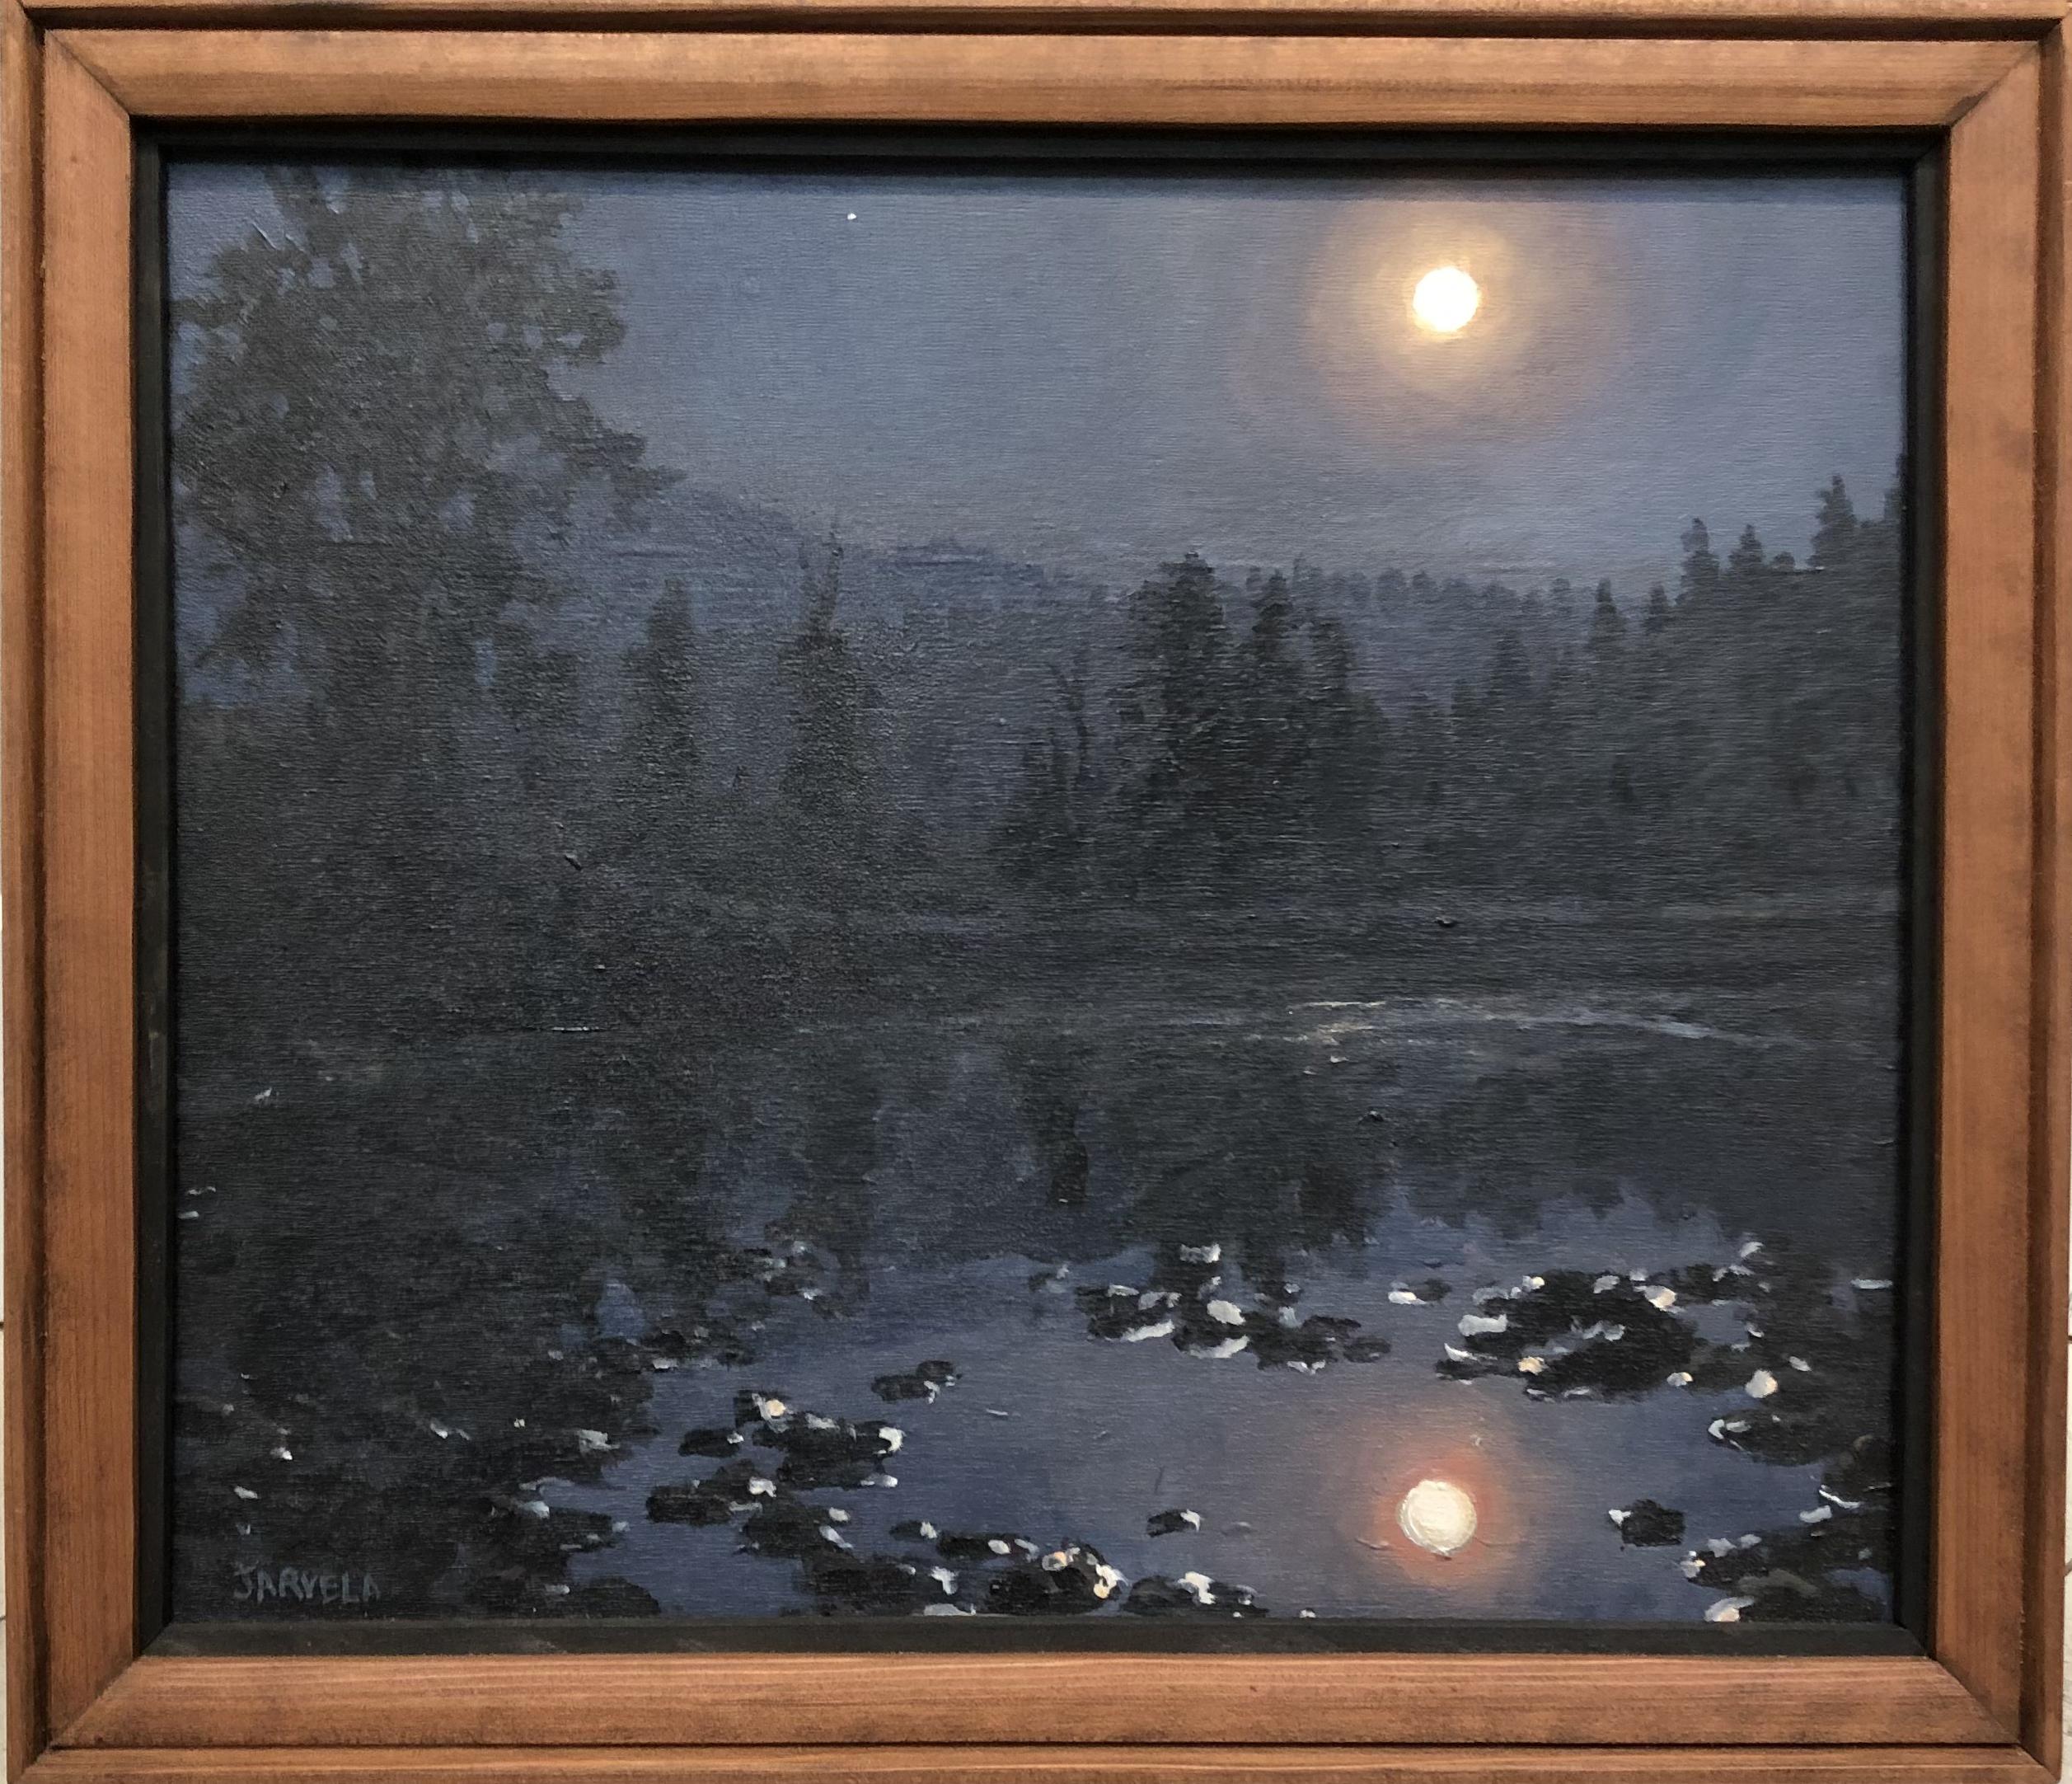 Jarvela-Midnight Moon